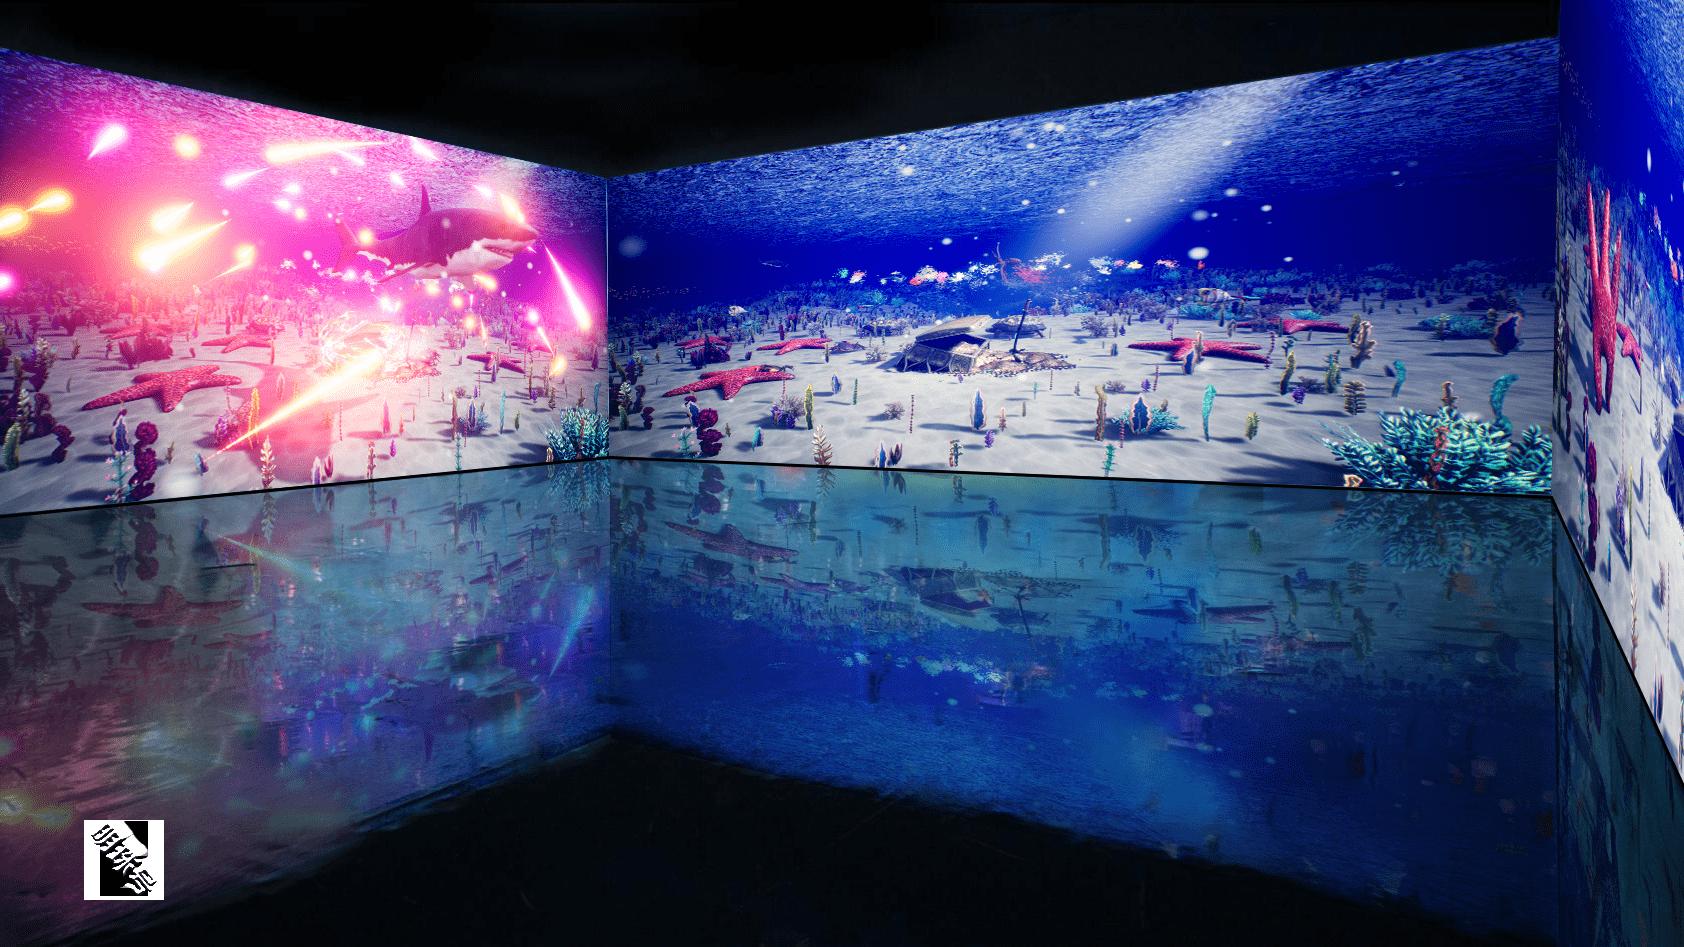 见过这样的沉浸式数字游乐园吗